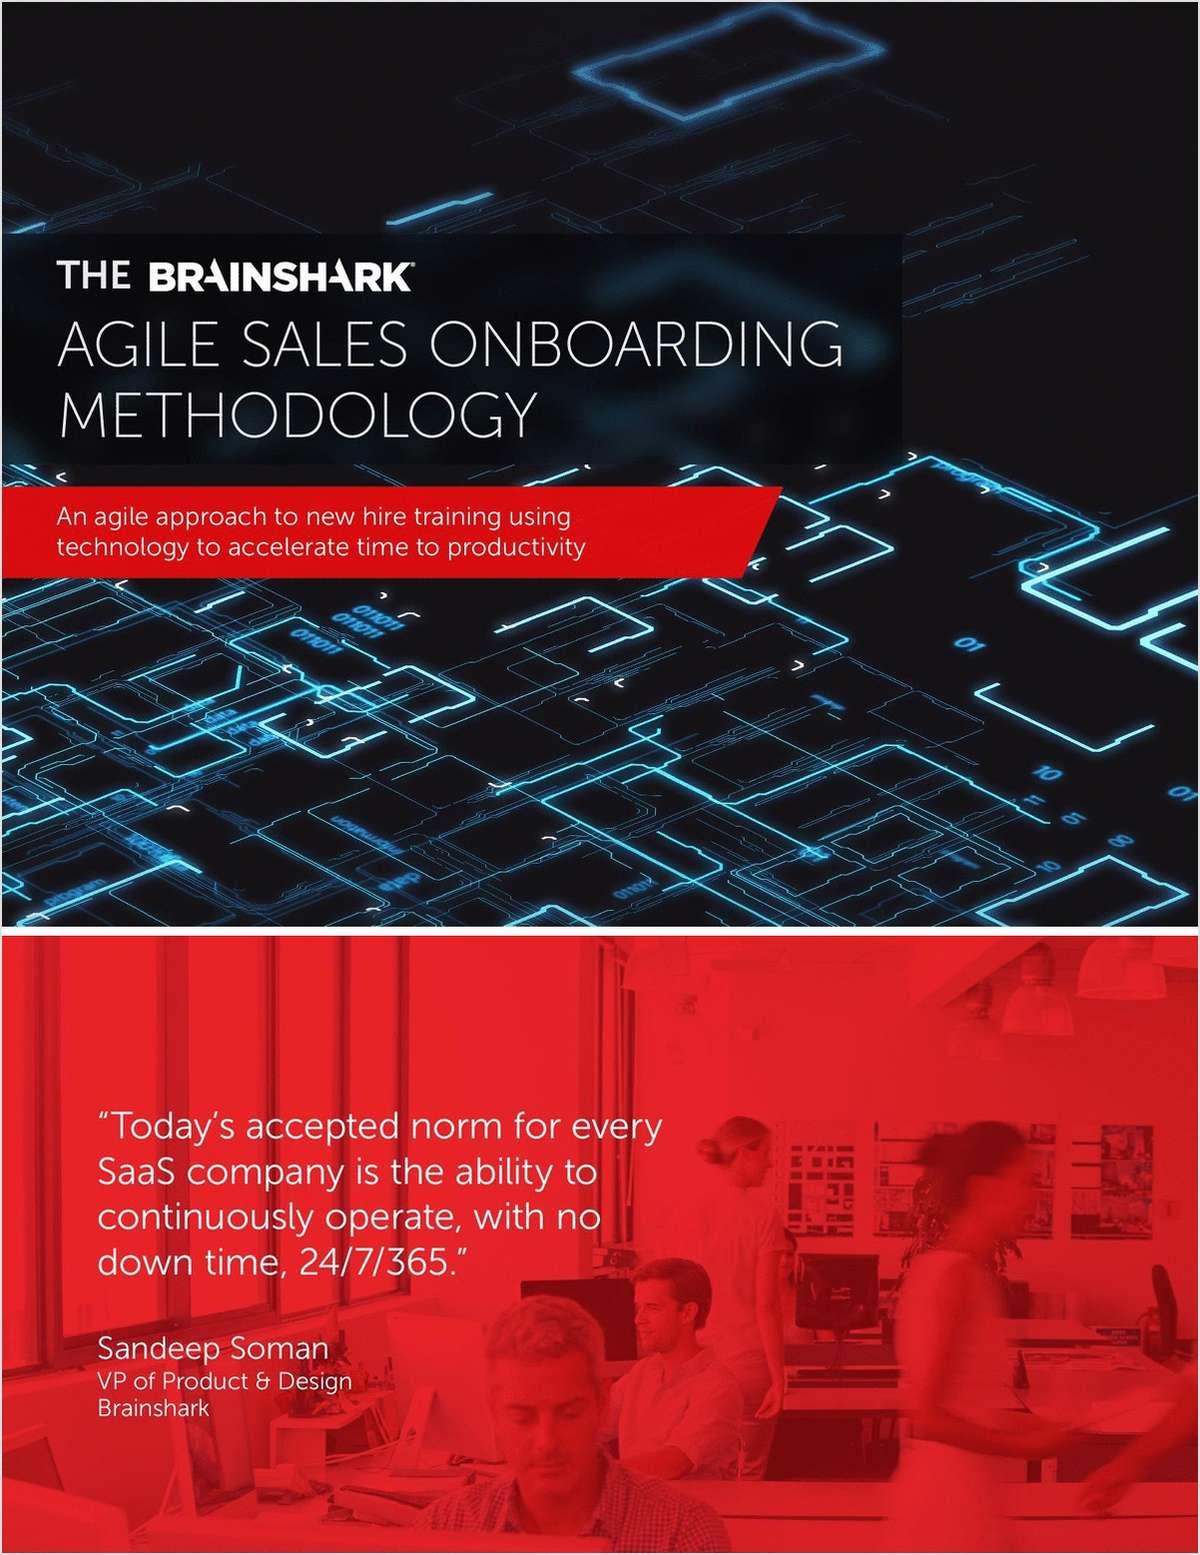 The Brainshark Agile Sales Onboarding Methodology